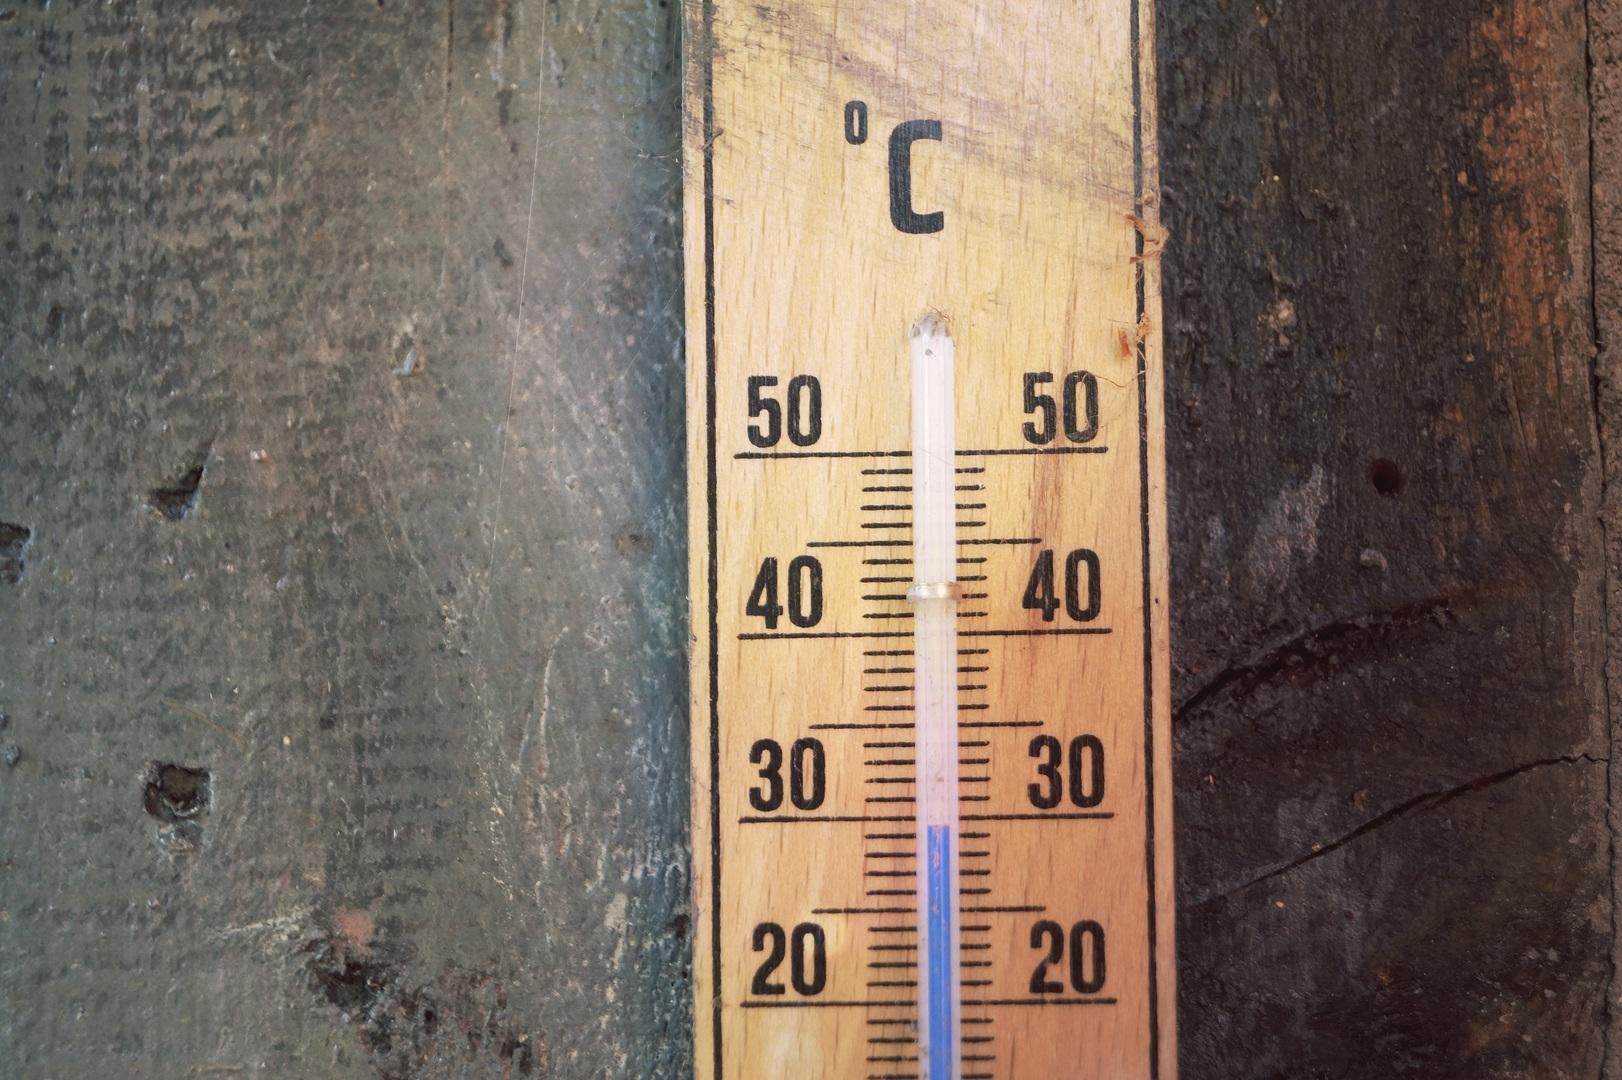 termometr, temperatura, rtęć, przewodnictwo cieplne